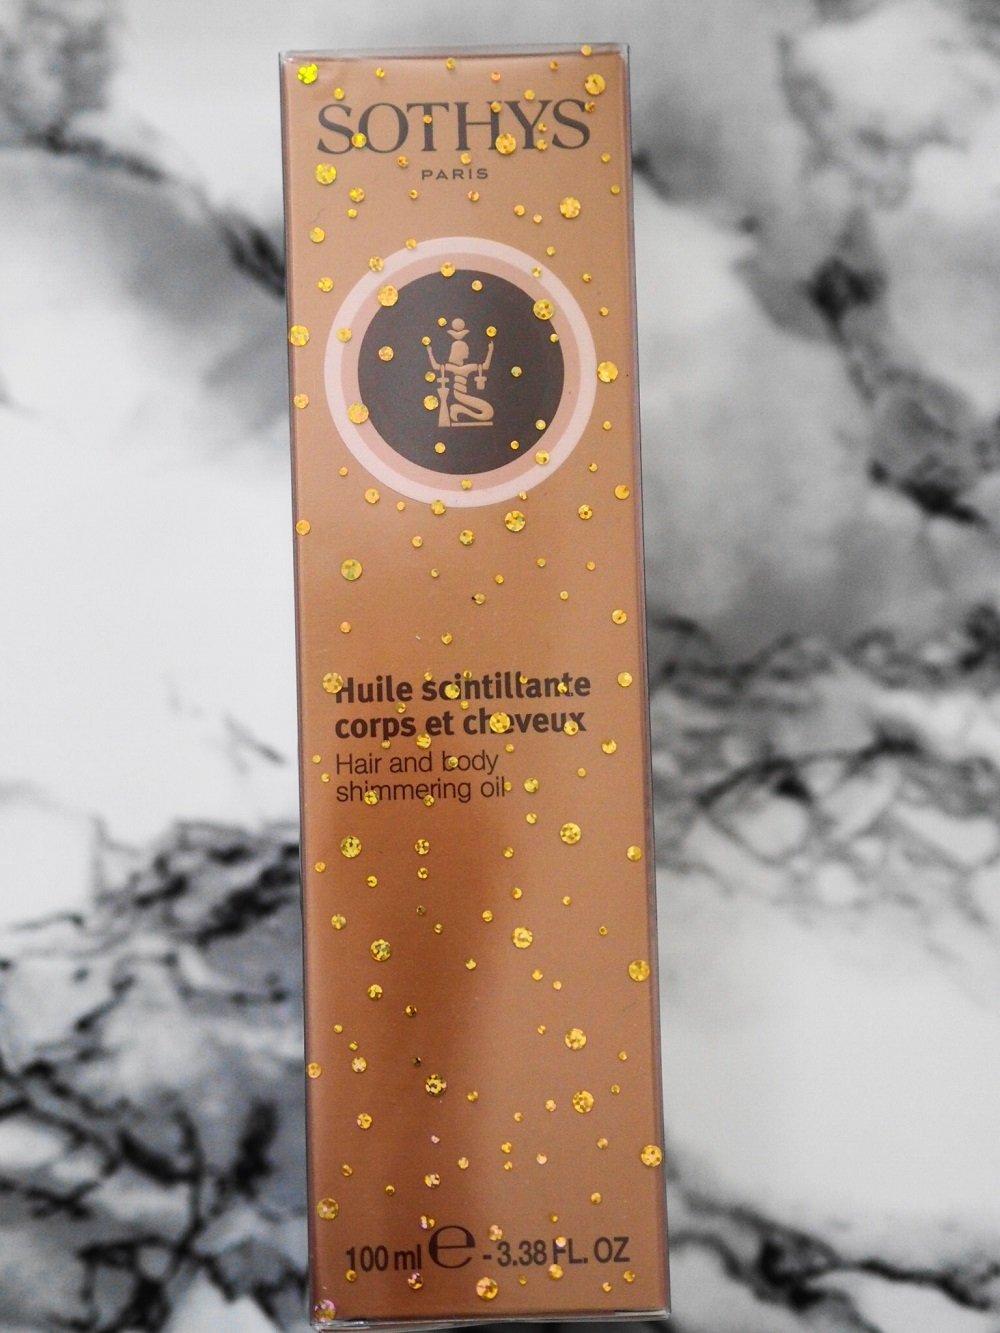 Heute stelle ich euch auf meinem Blog die Marke SOTHYS etwas näher vor und zeige euch die aktuelle Sommer Edition Box mit hochwertigen Kosmetikprodukten